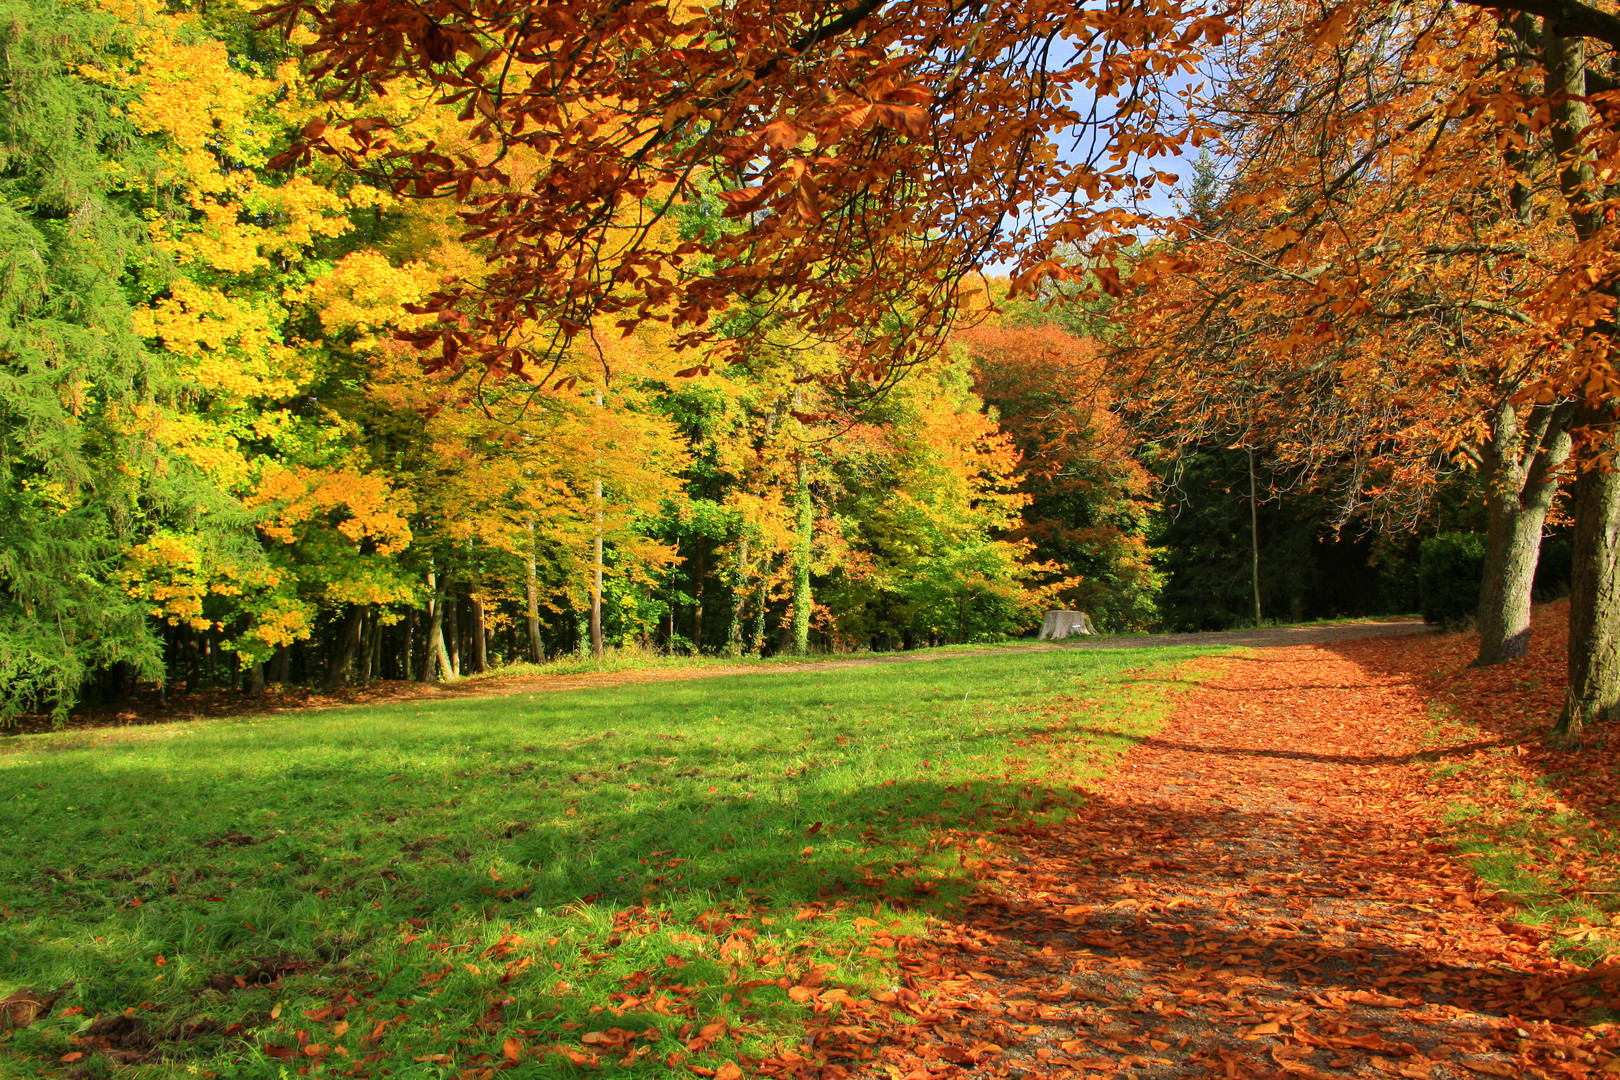 Herbstsonntag im Park Wechselburg